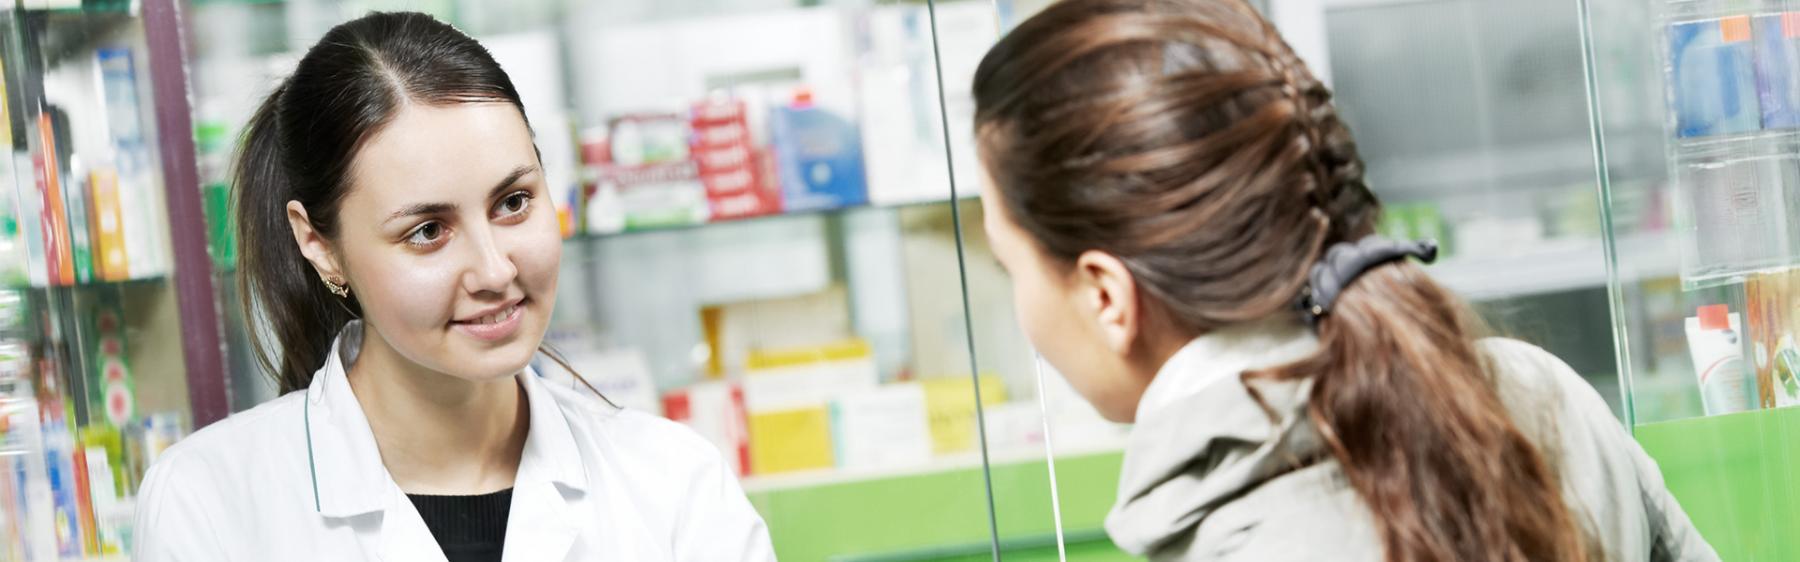 Pharmacie de Roches SA - Eaux-Vives - Genève - Questions